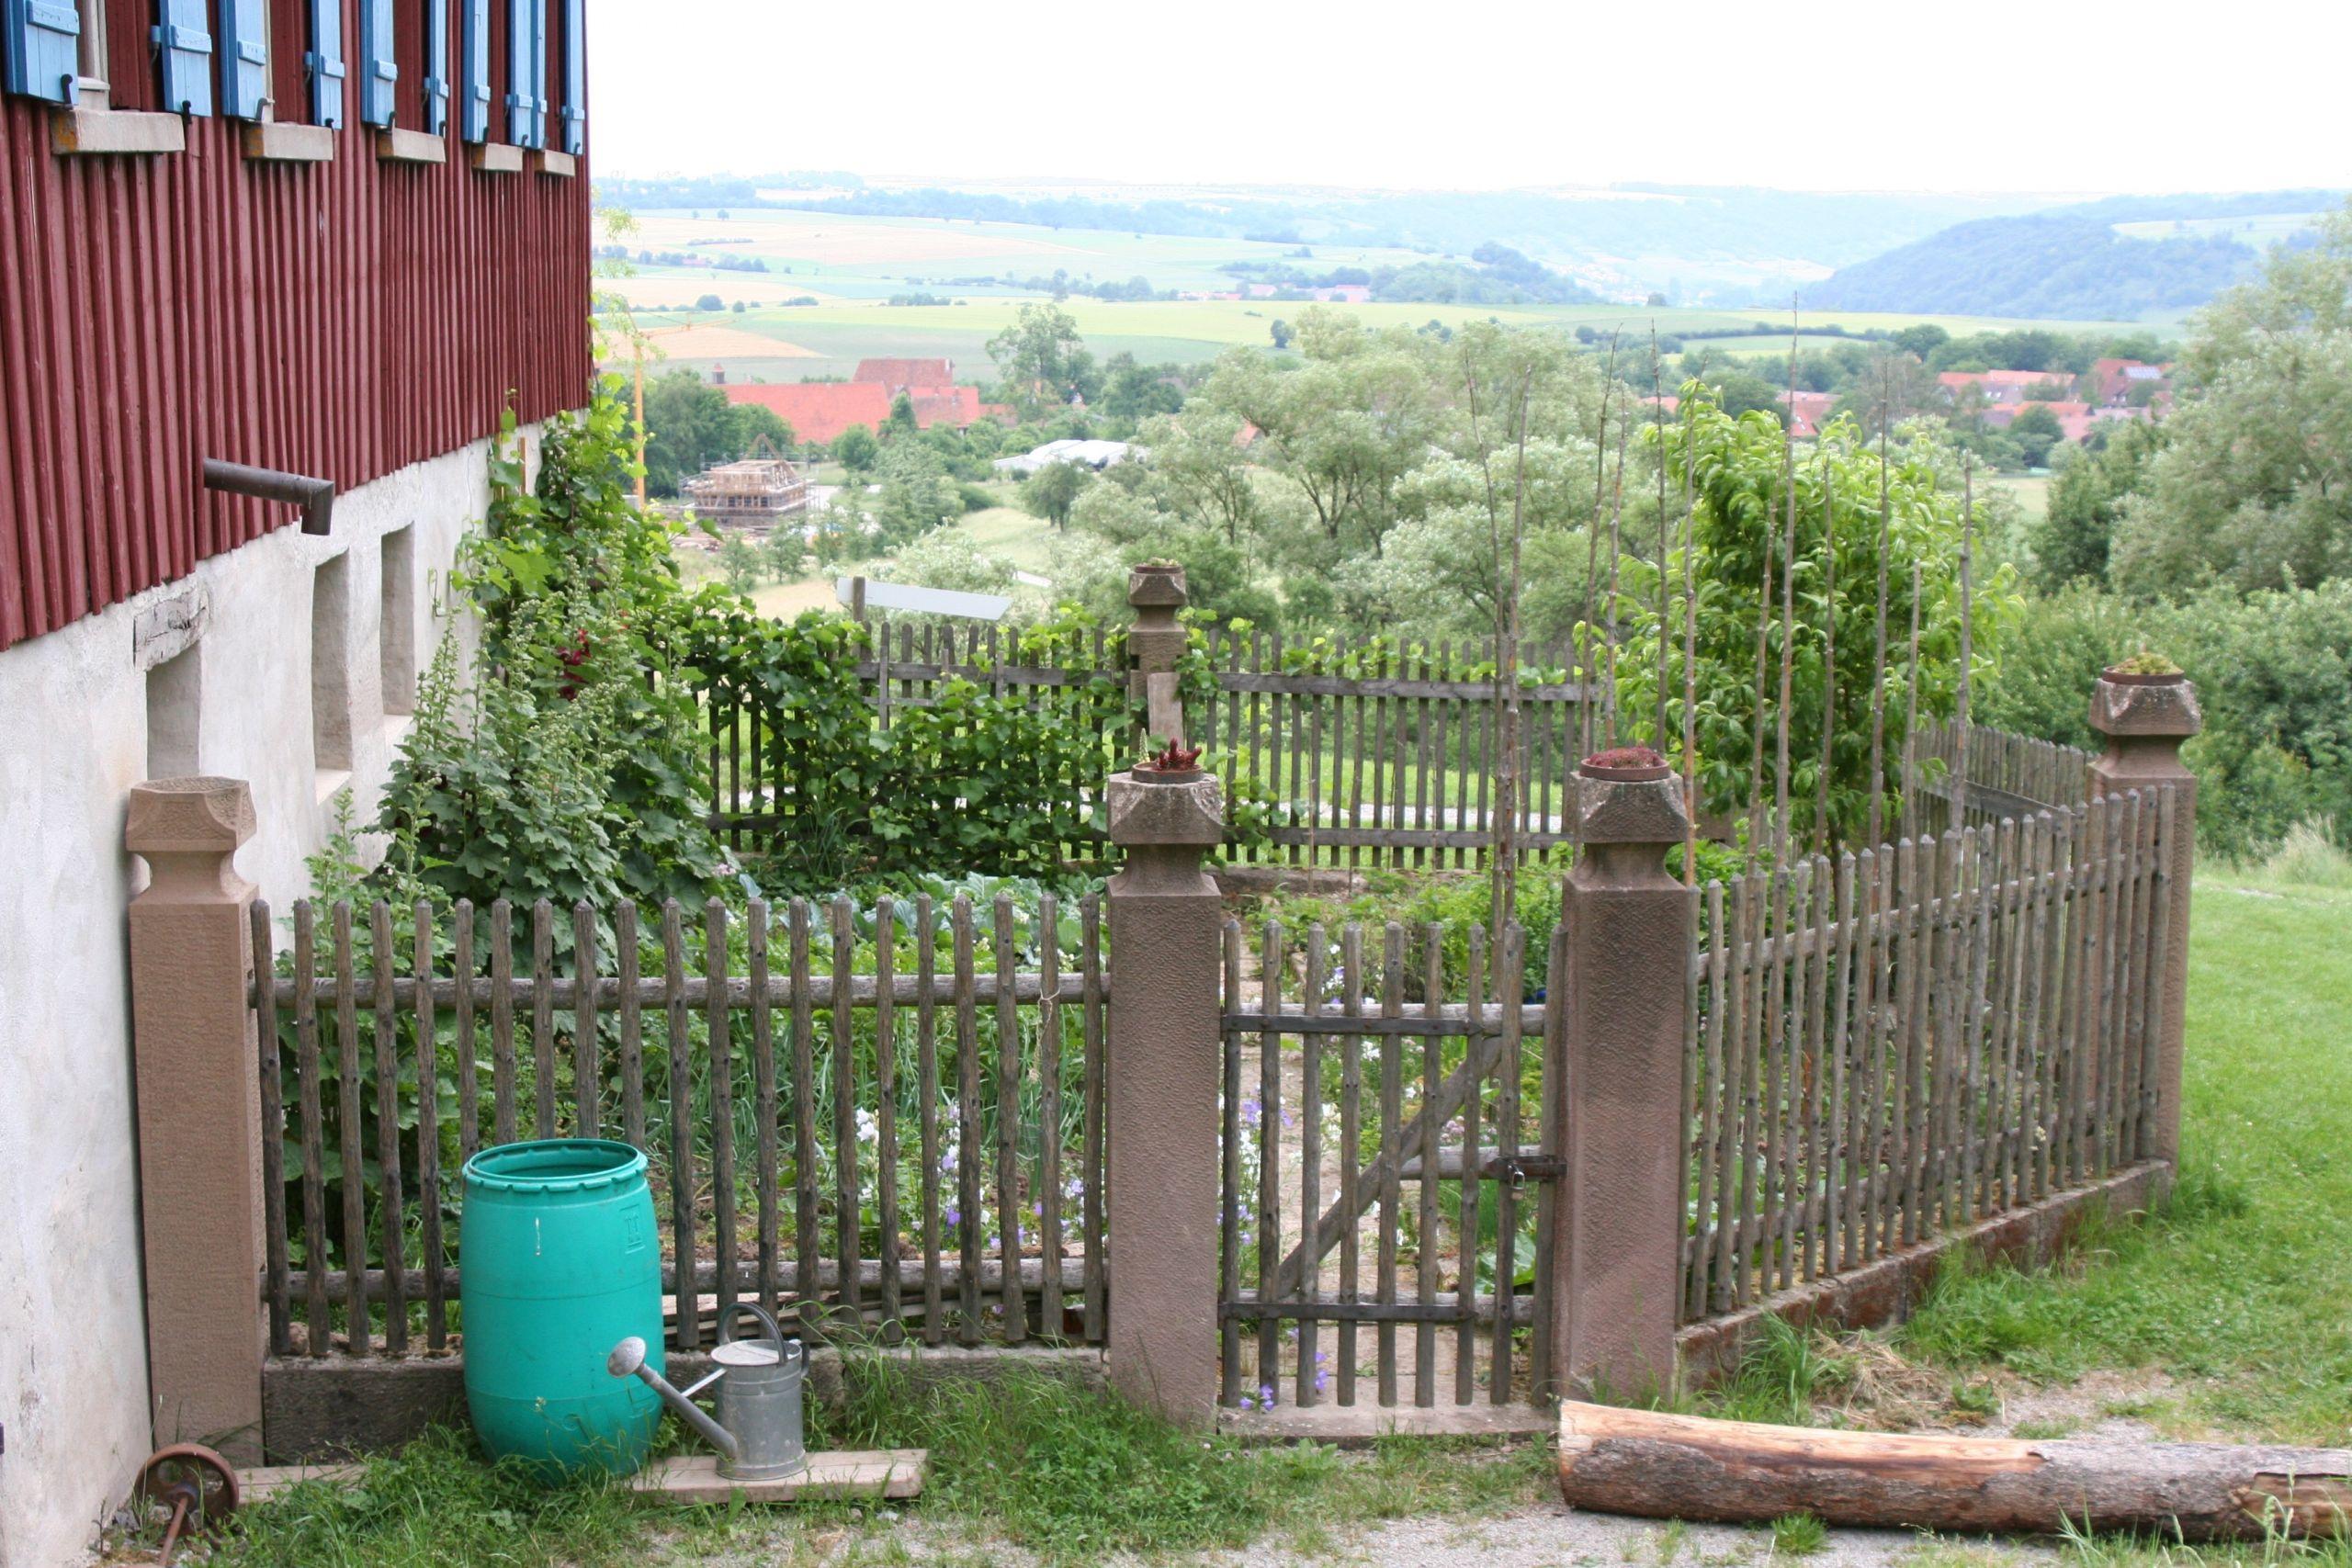 Wackershofen Freilandmuseum Kaeshof Garten